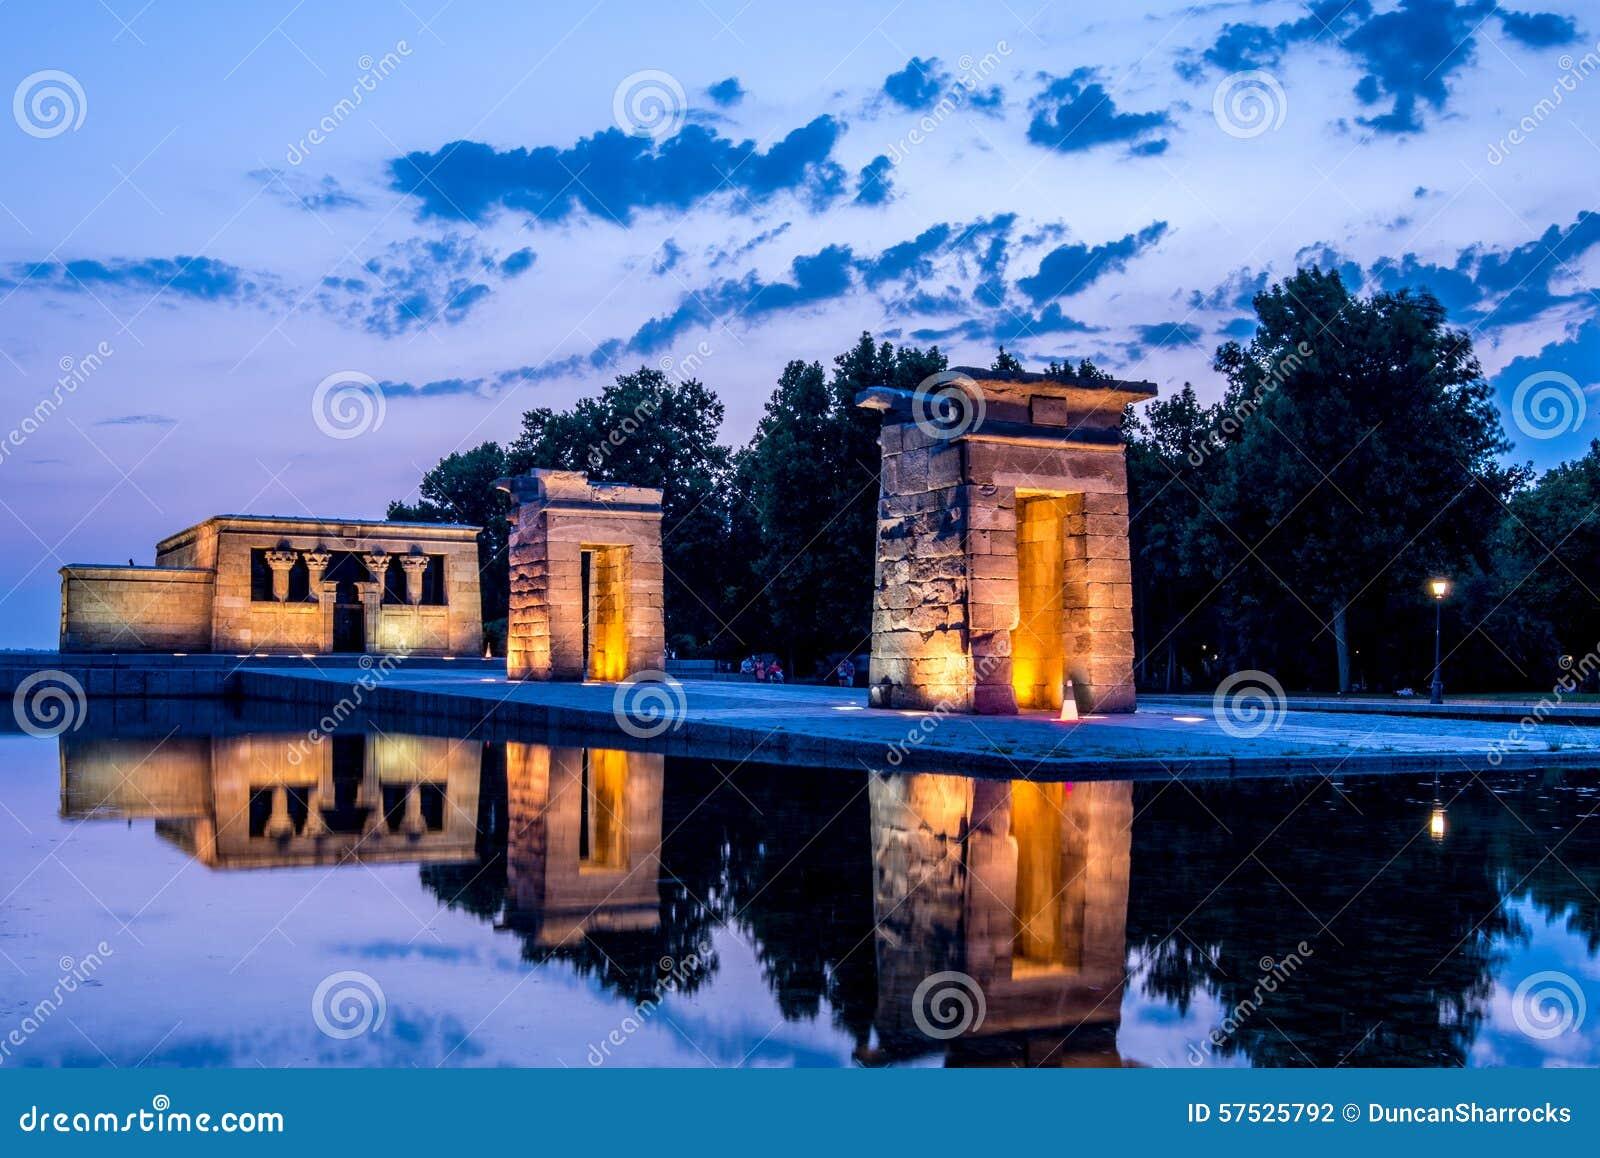 Templo de Debod, Parque del Oeste, Madrid, España